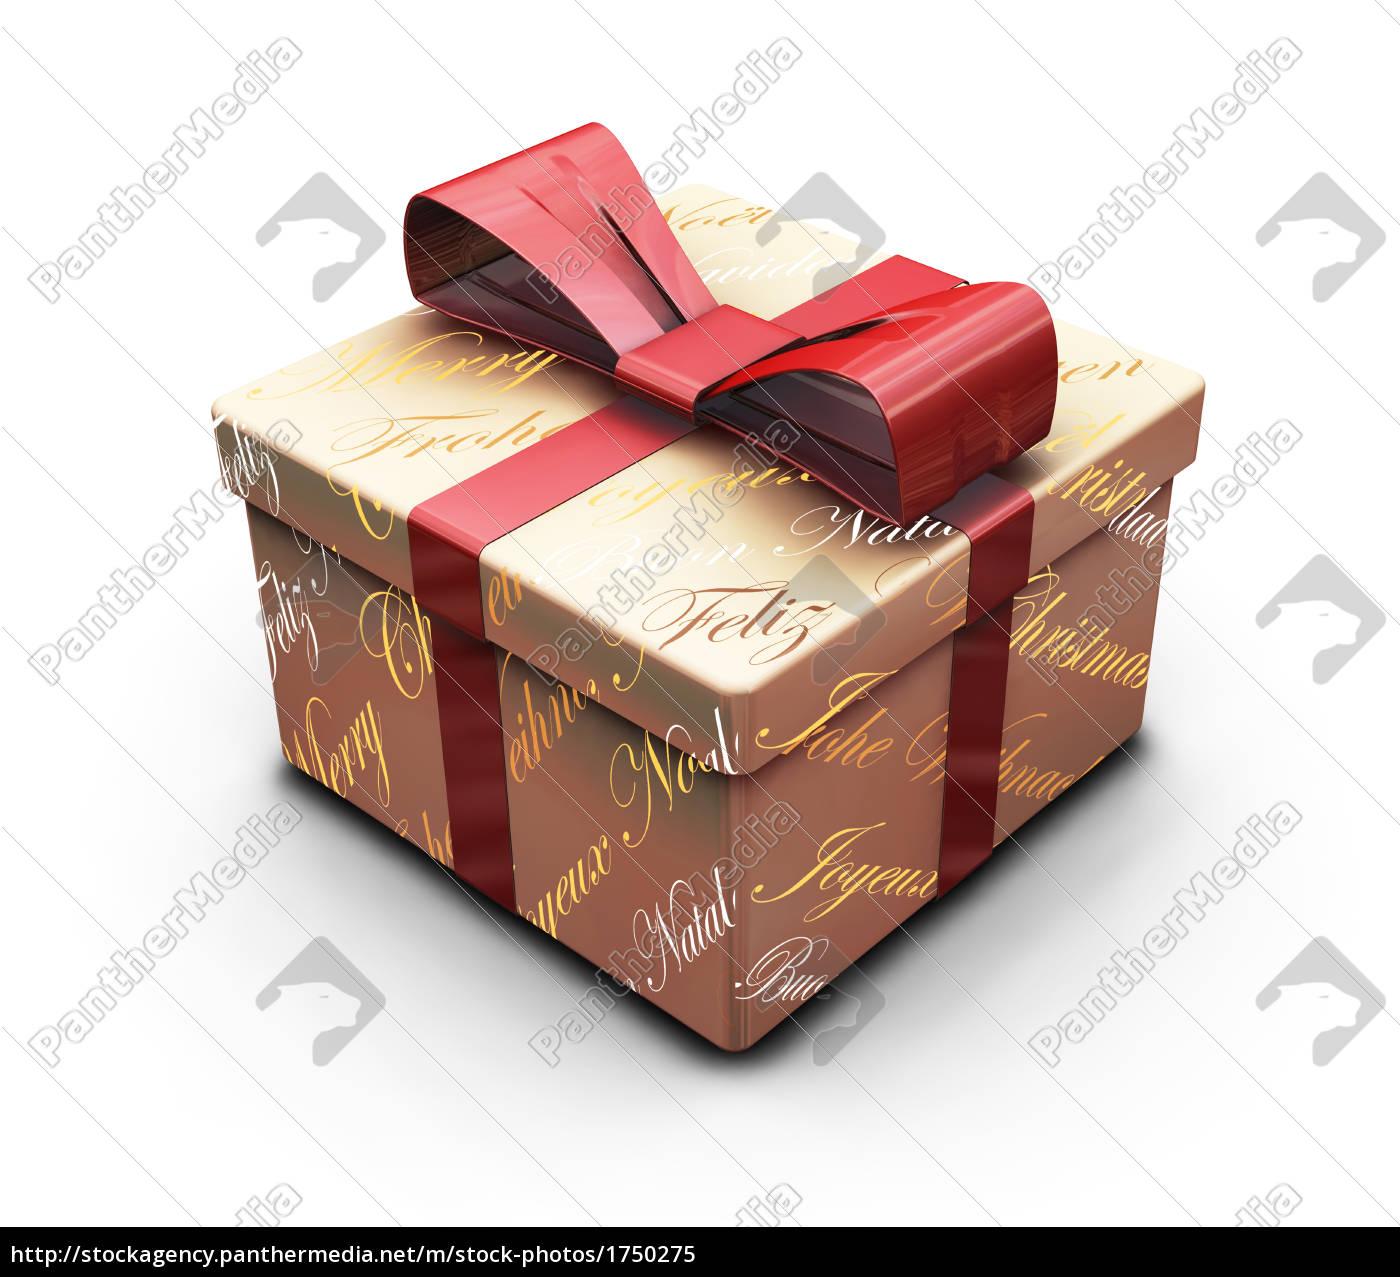 christmas, gift - 1750275